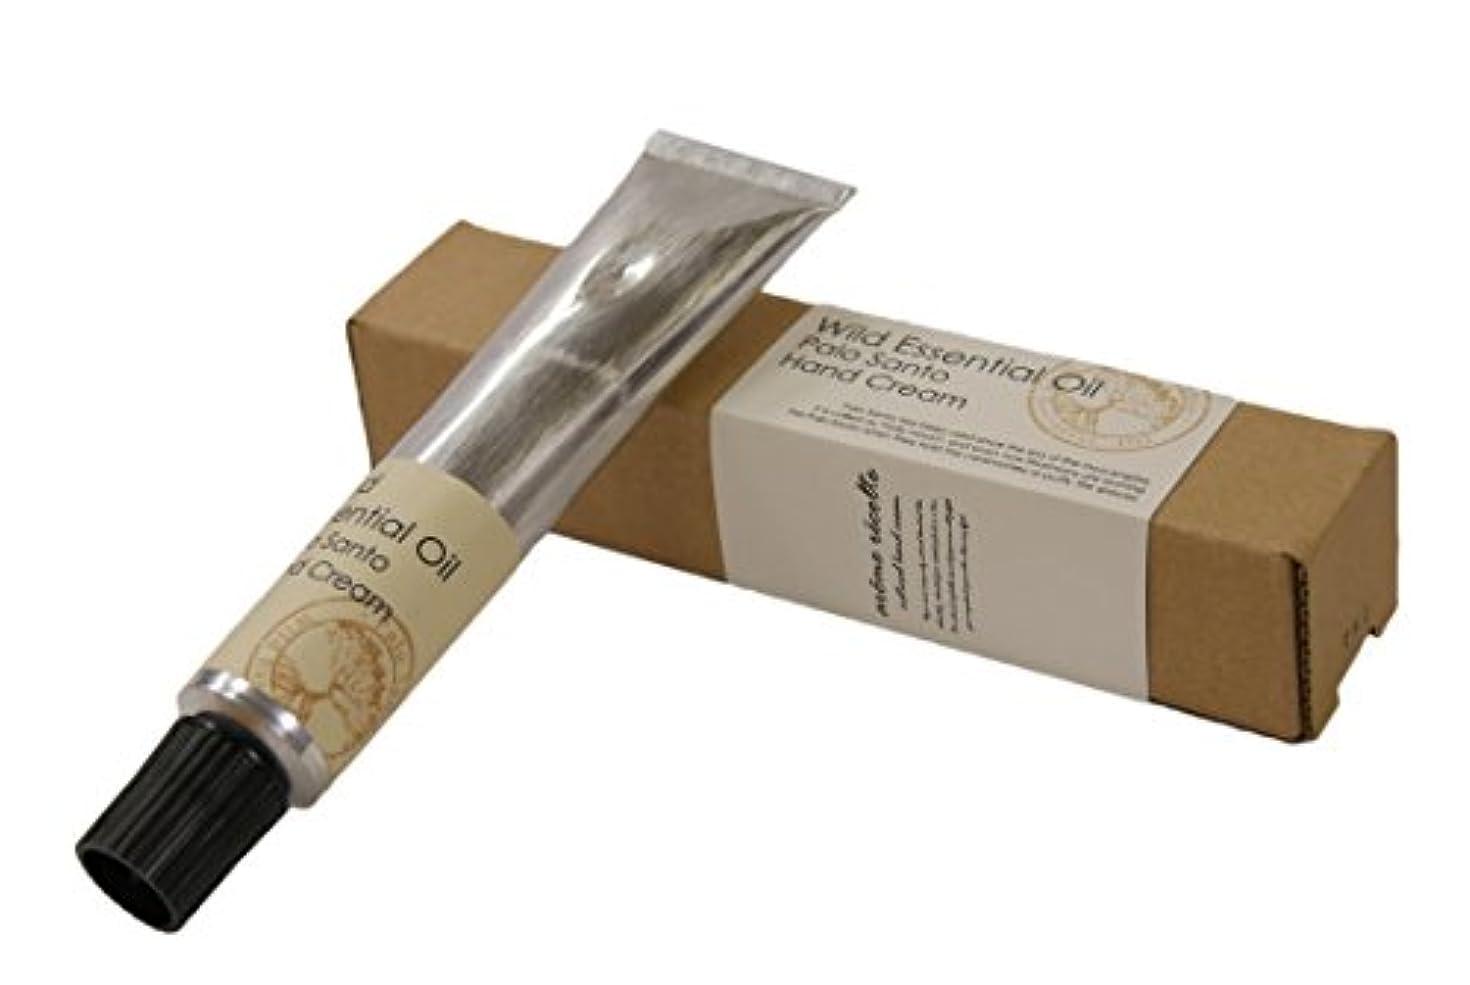 カニアドバンテージ砦アロマレコルト ハンドクリーム パロサント 【Palo Santo】 ワイルド エッセンシャルオイル wild essential oil hand cream arome recolte